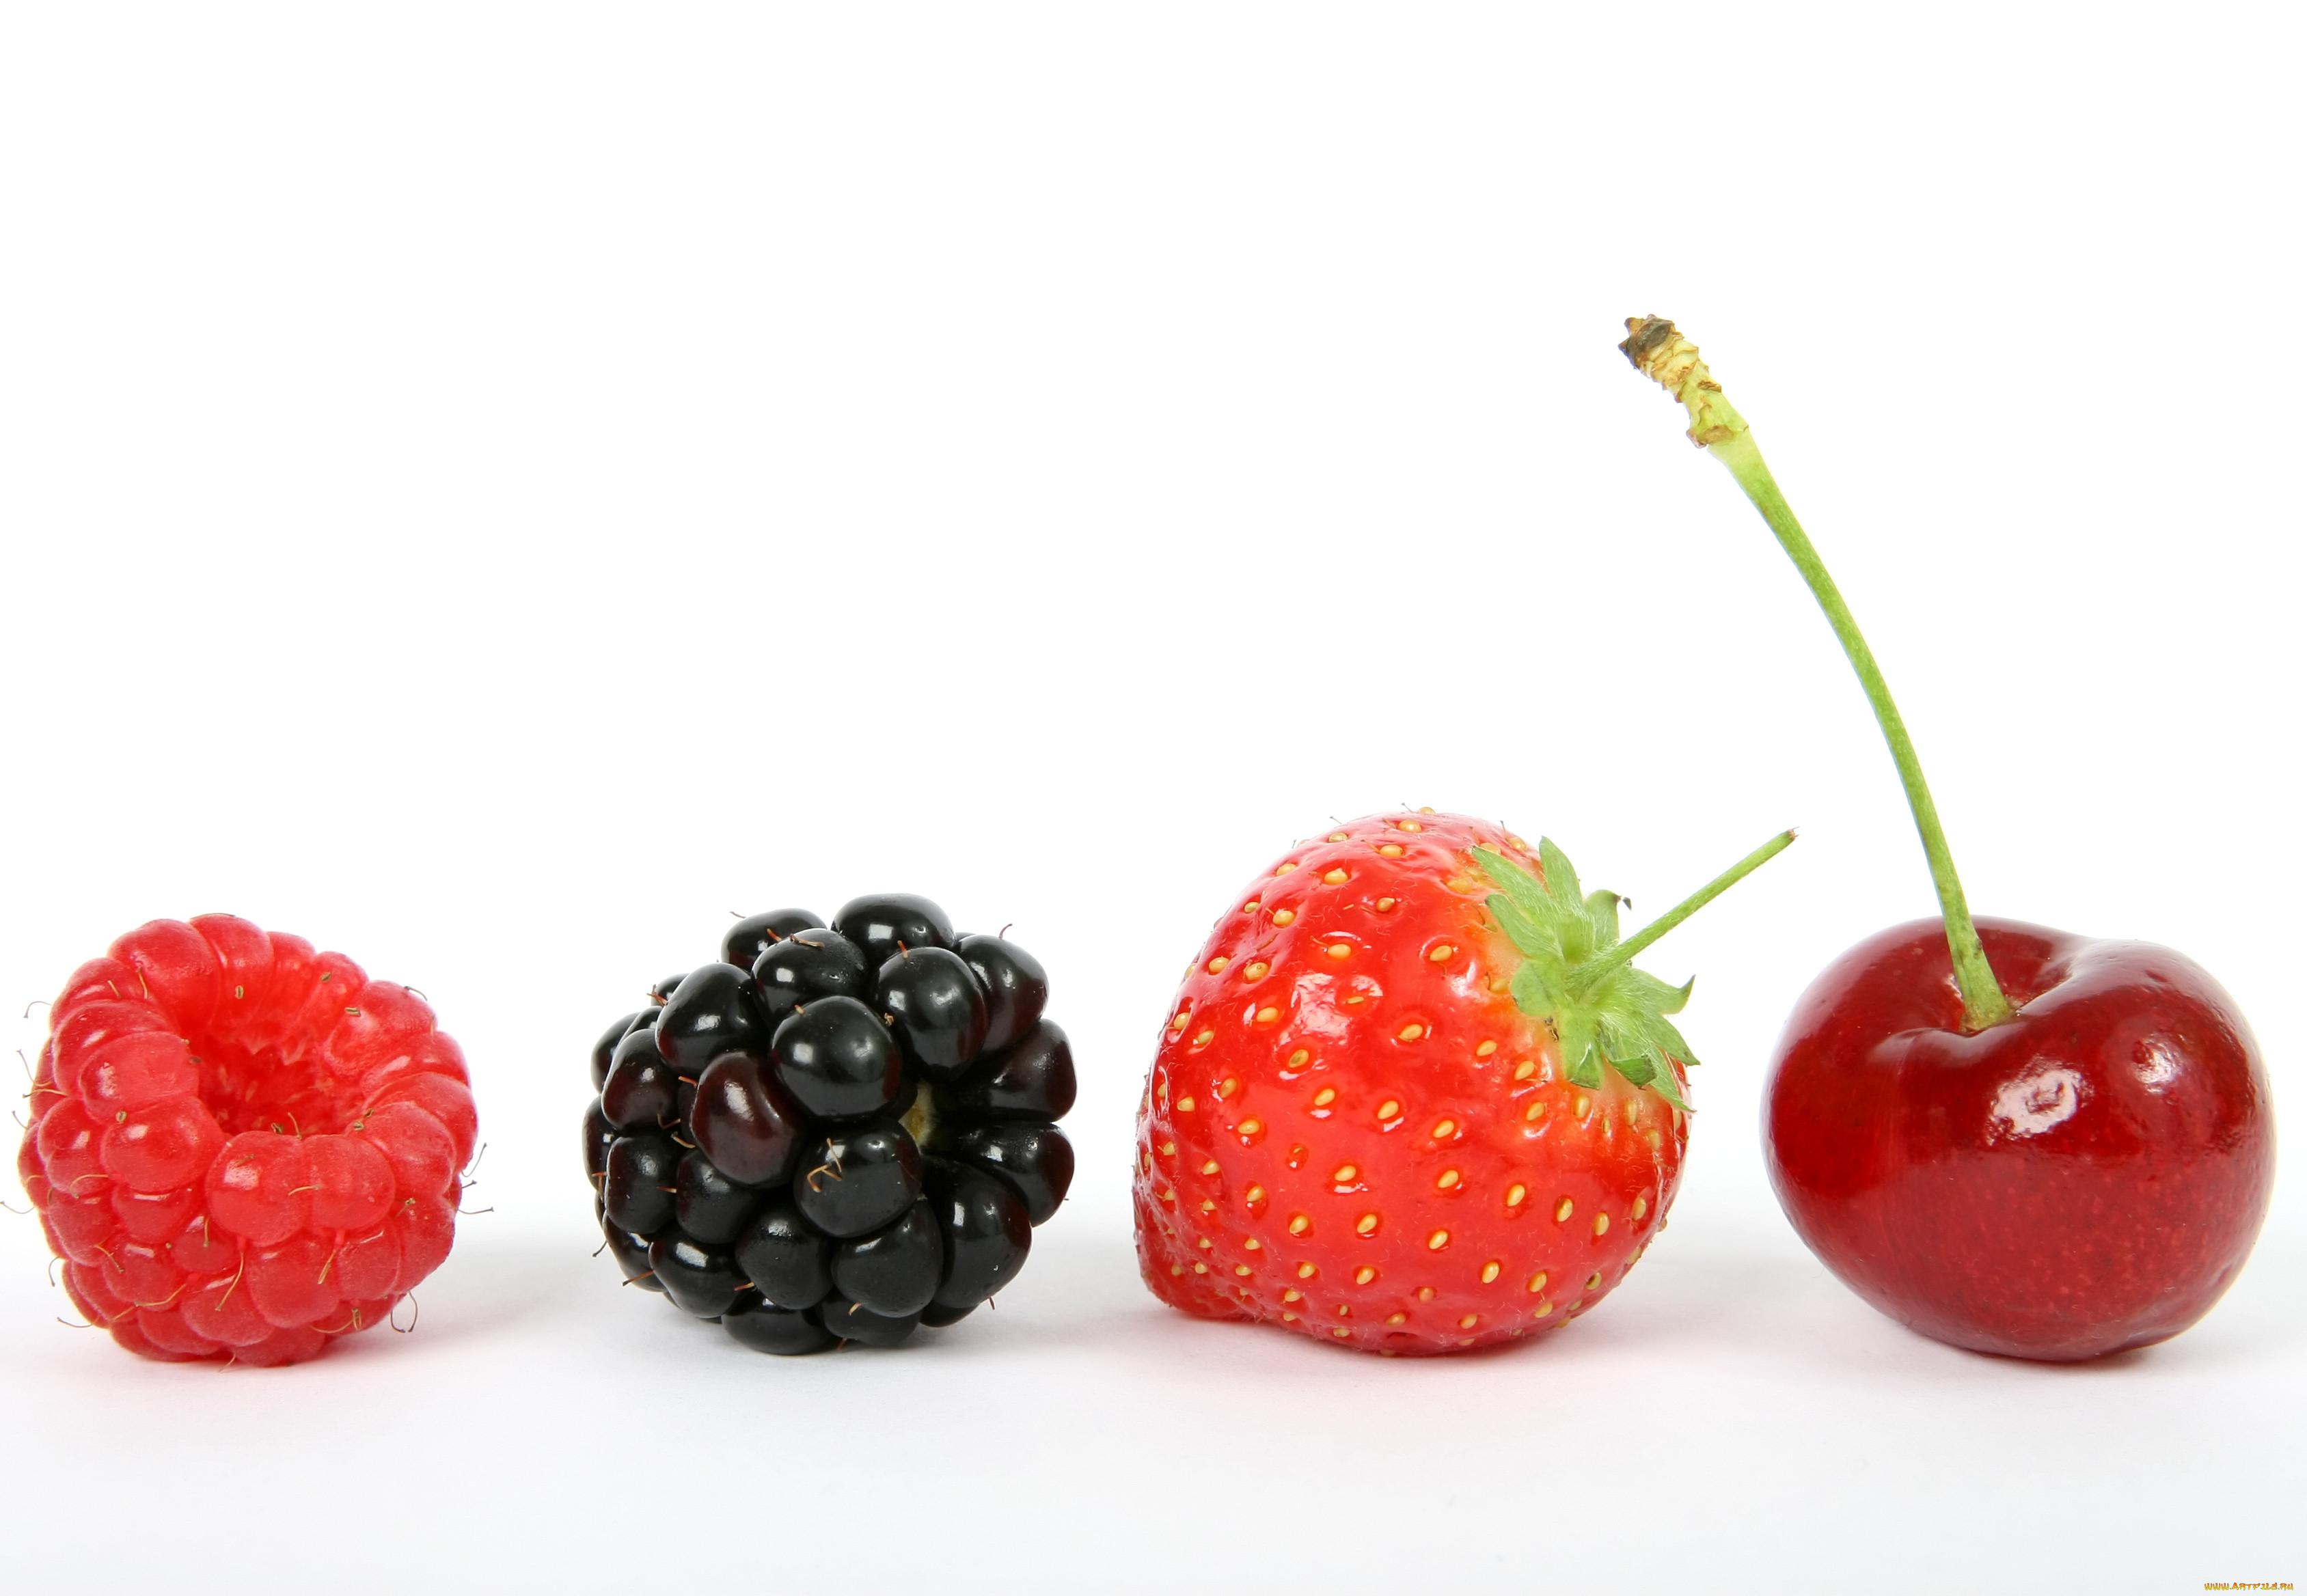 картинки для сайта ягодки сказала, меня часто